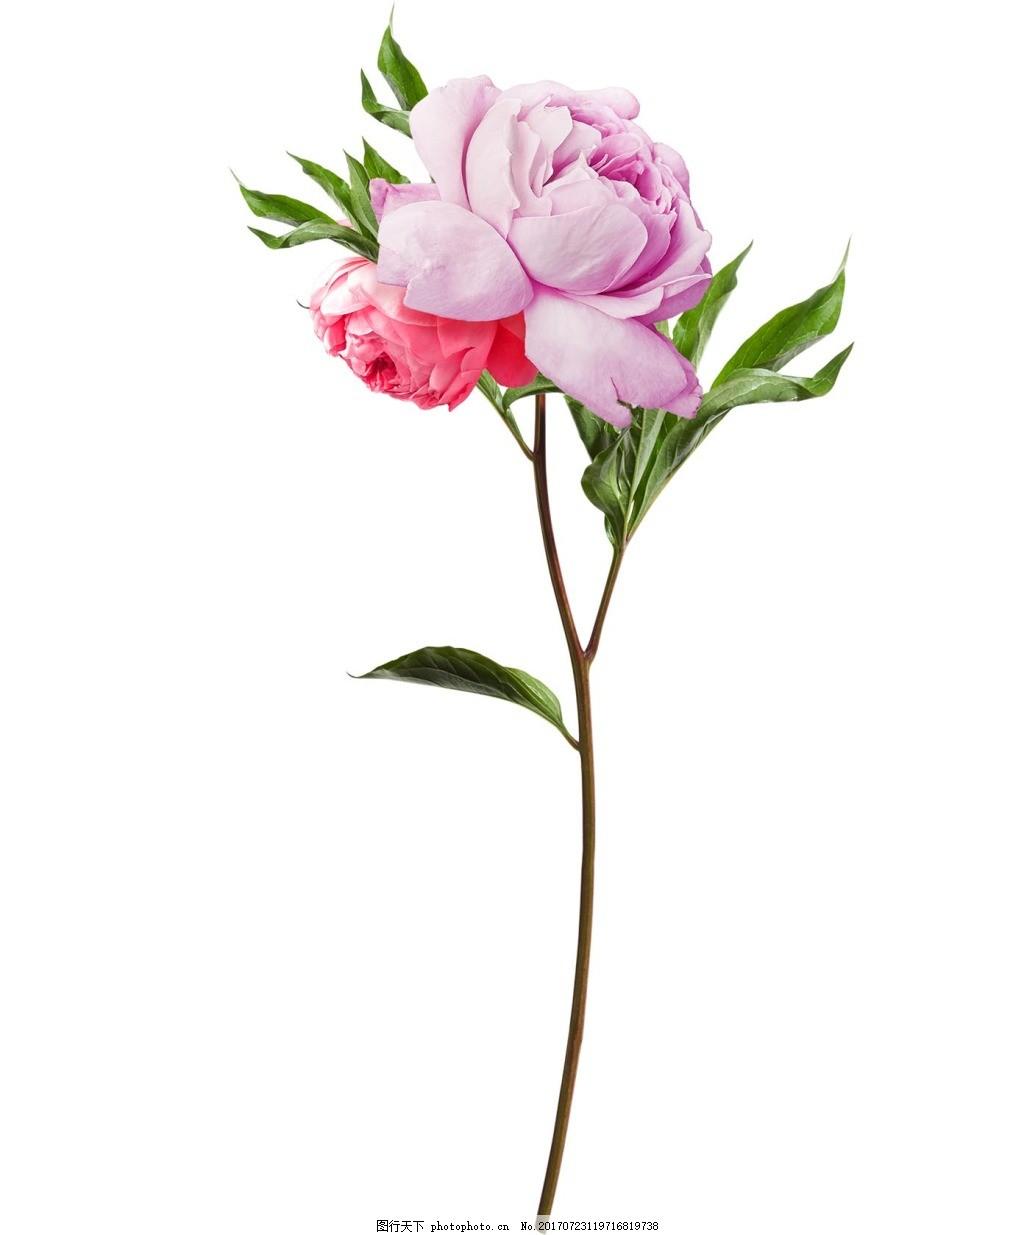 手绘粉色花朵元素 手绘 小清新 水彩 月季 树枝 花朵 png 免抠 素材 p